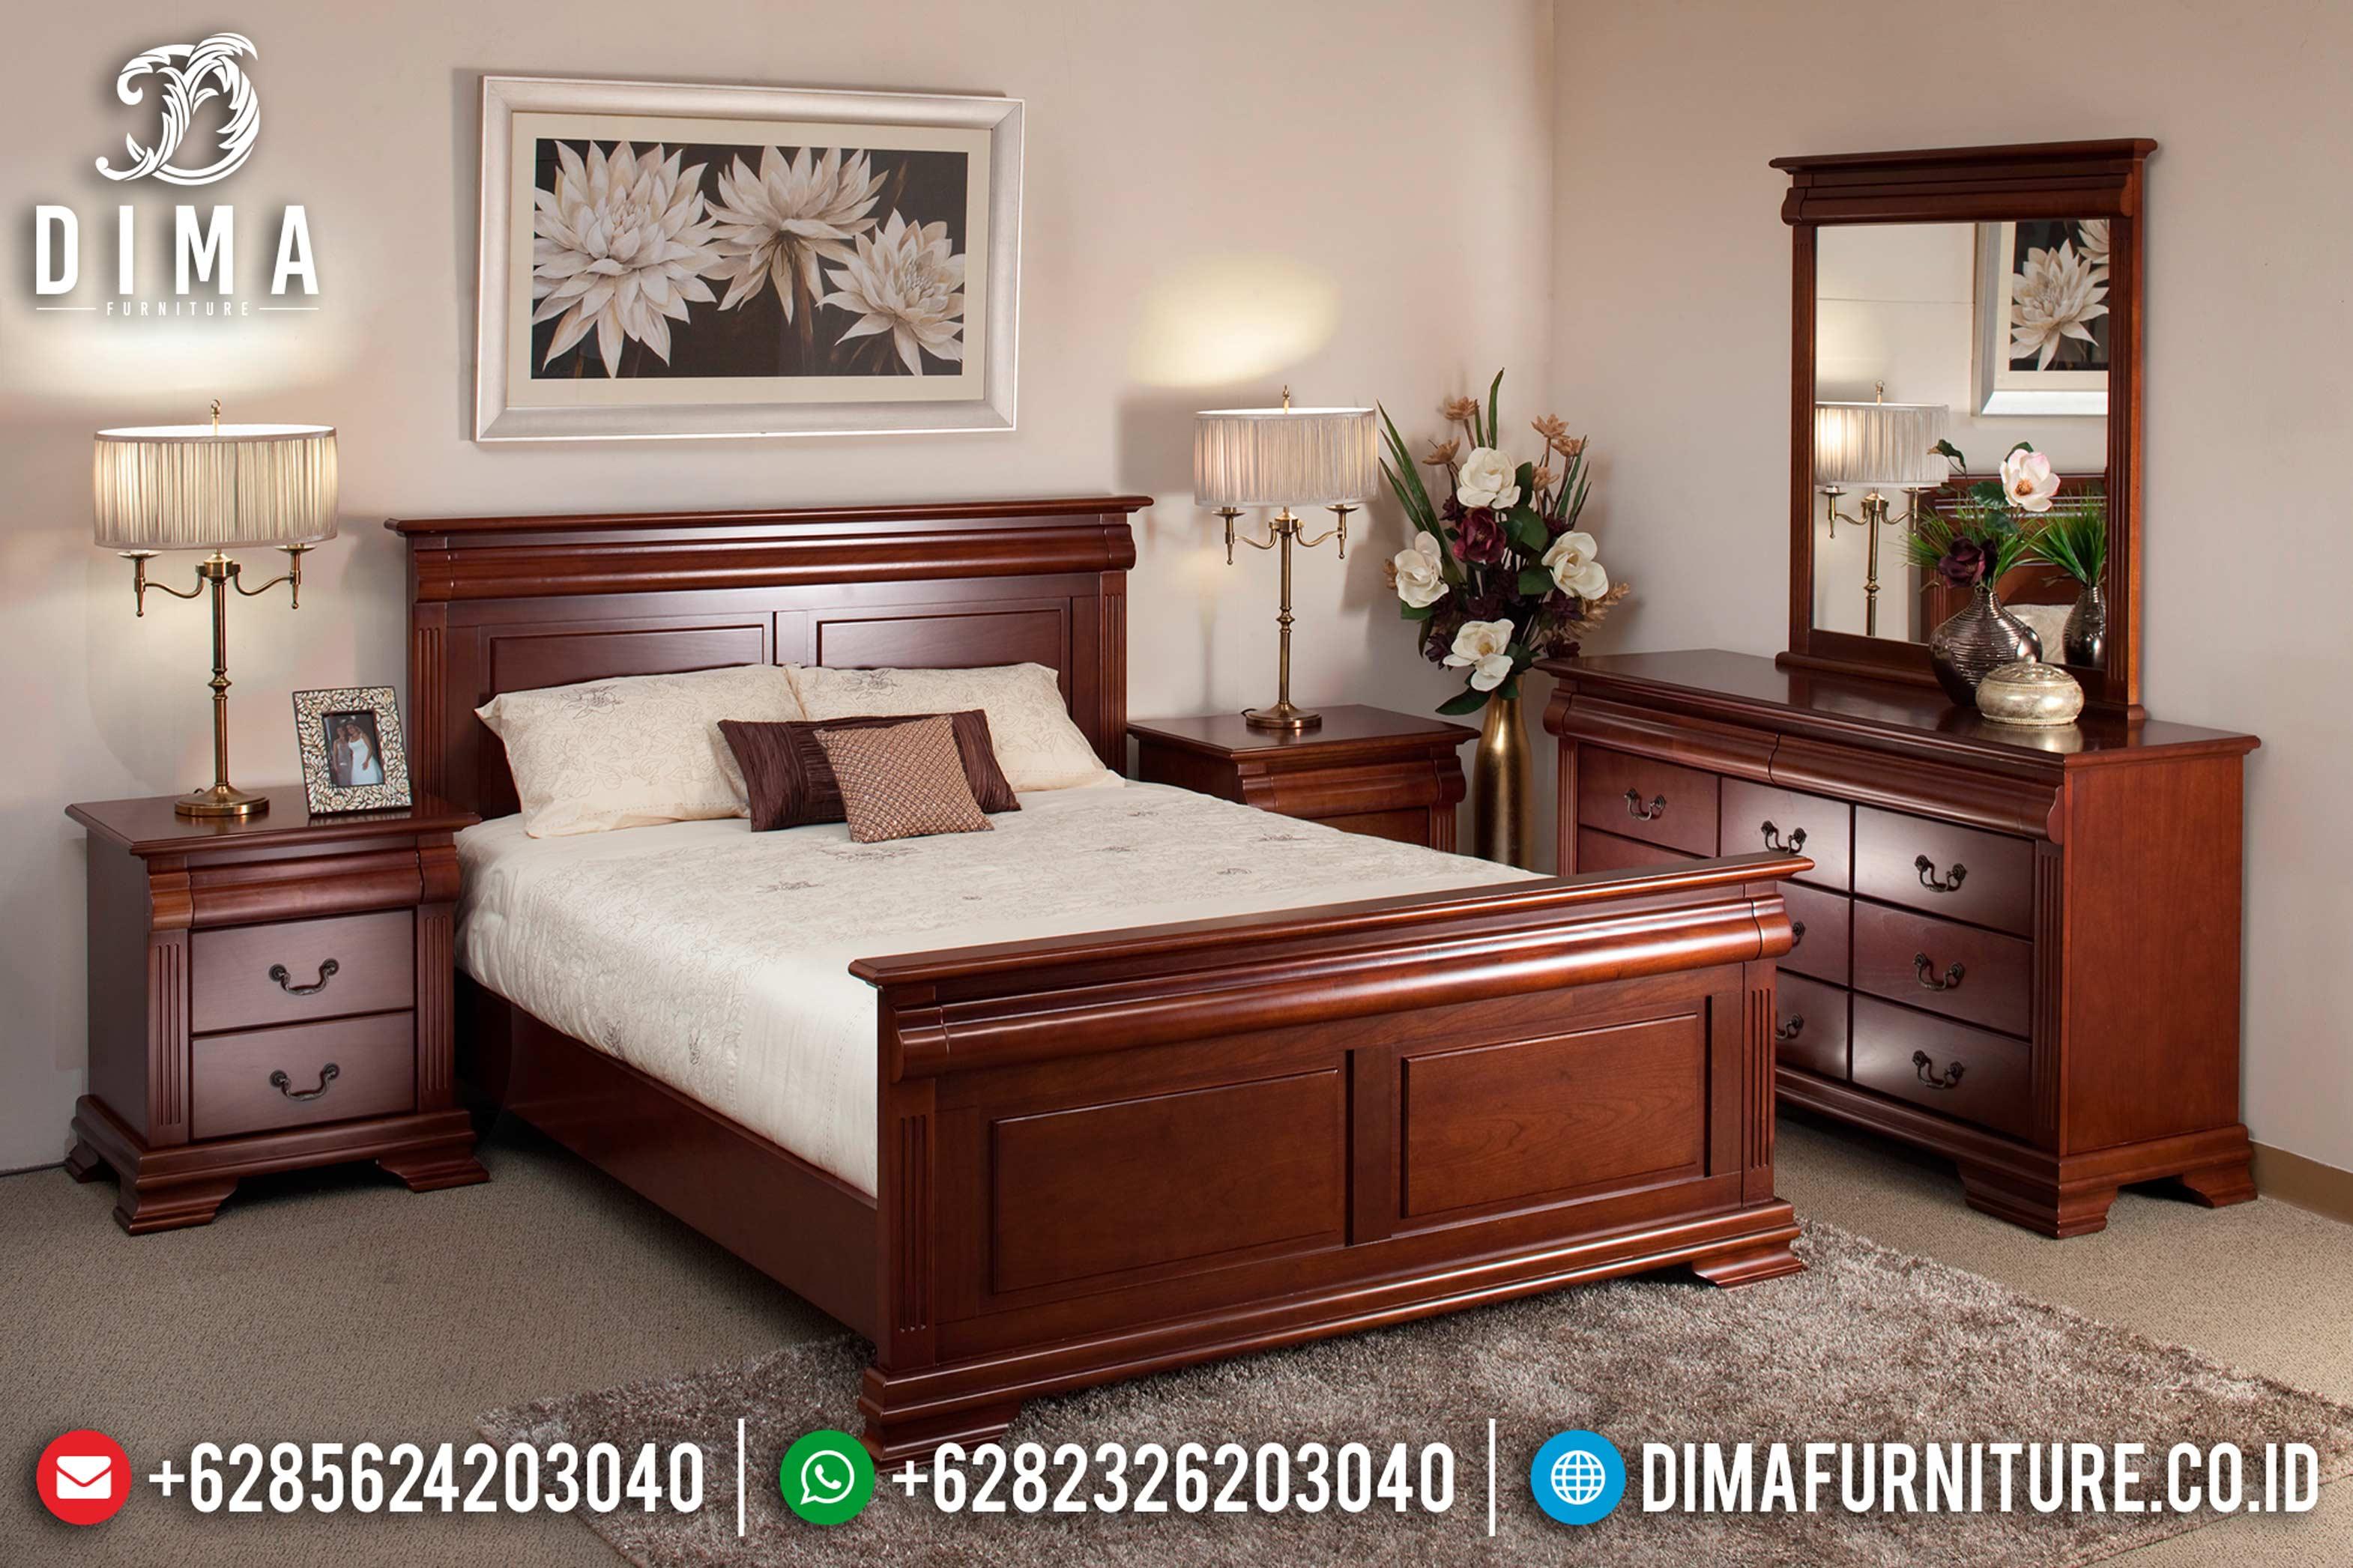 Bedroom Furniture Ideas Tempat Tidur Jepara Minimalis Mewah Terbaru DF-0638